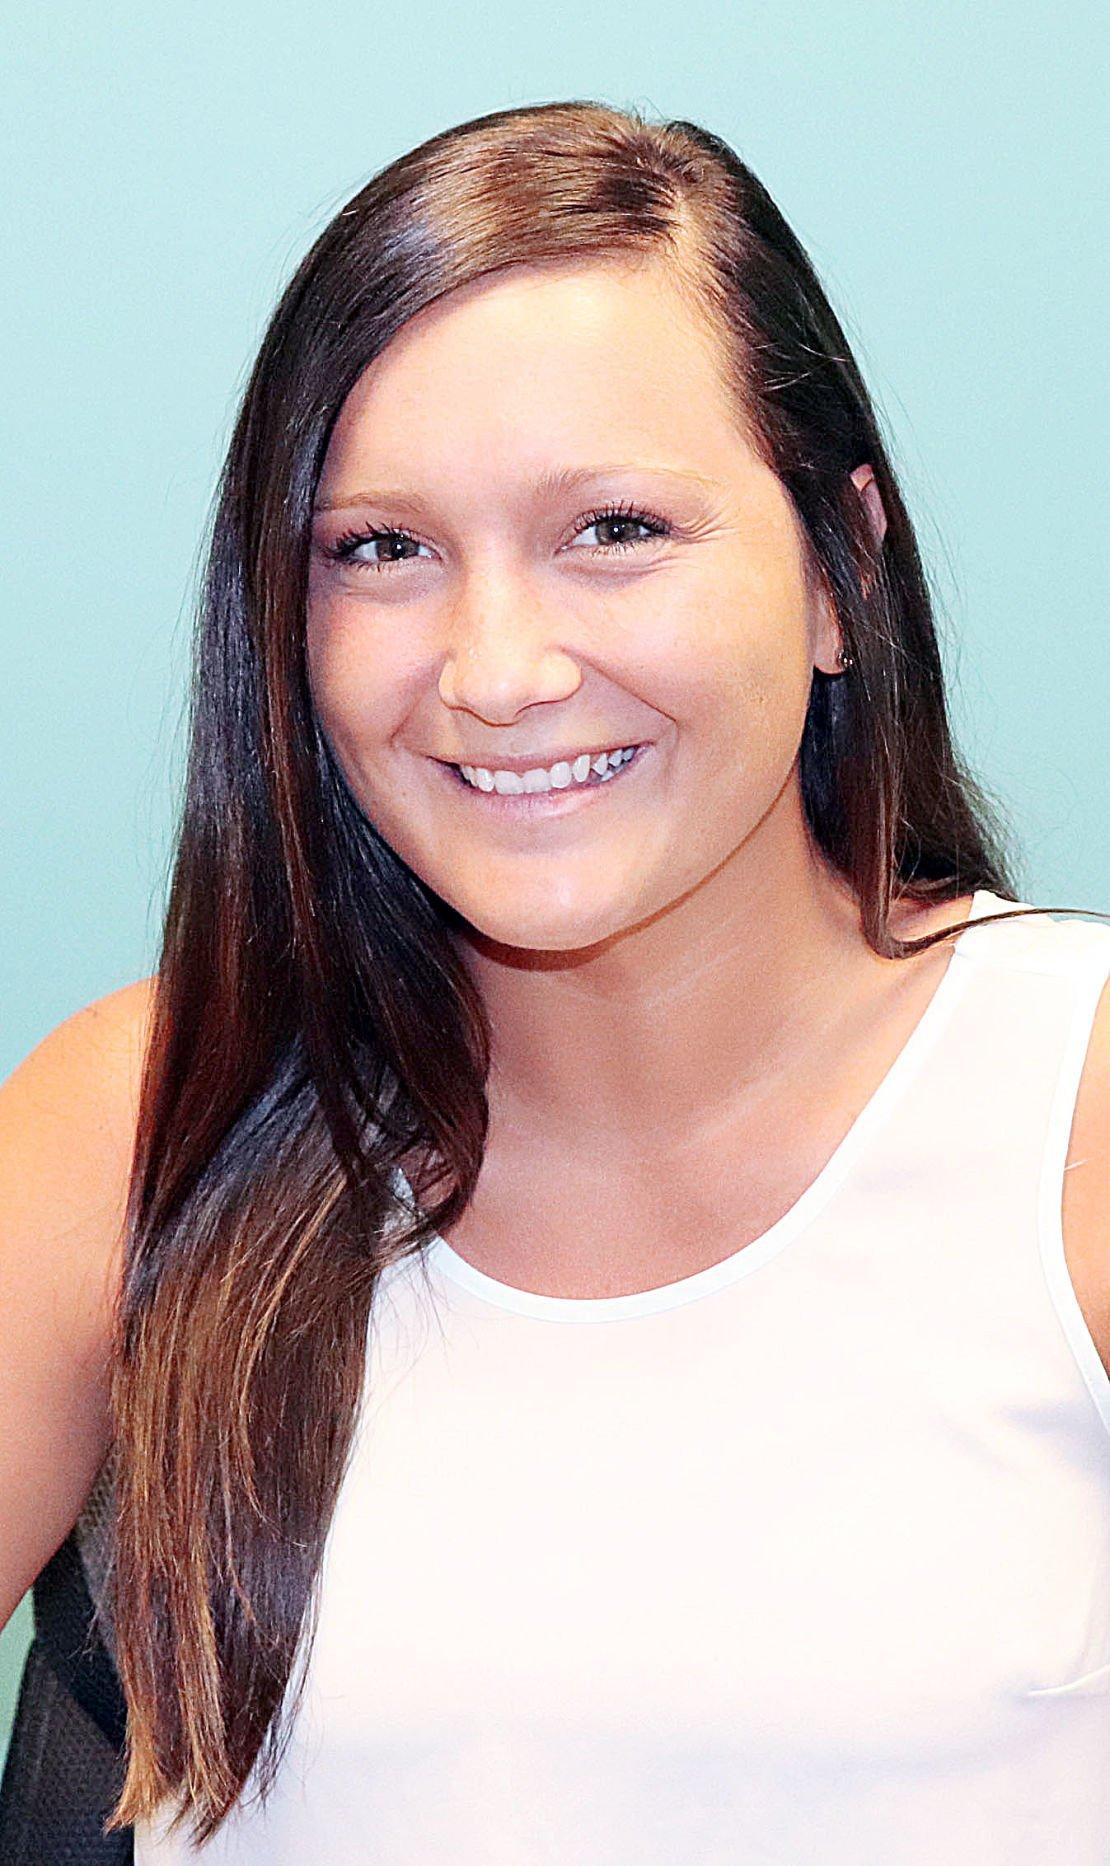 Cassidy Lowery